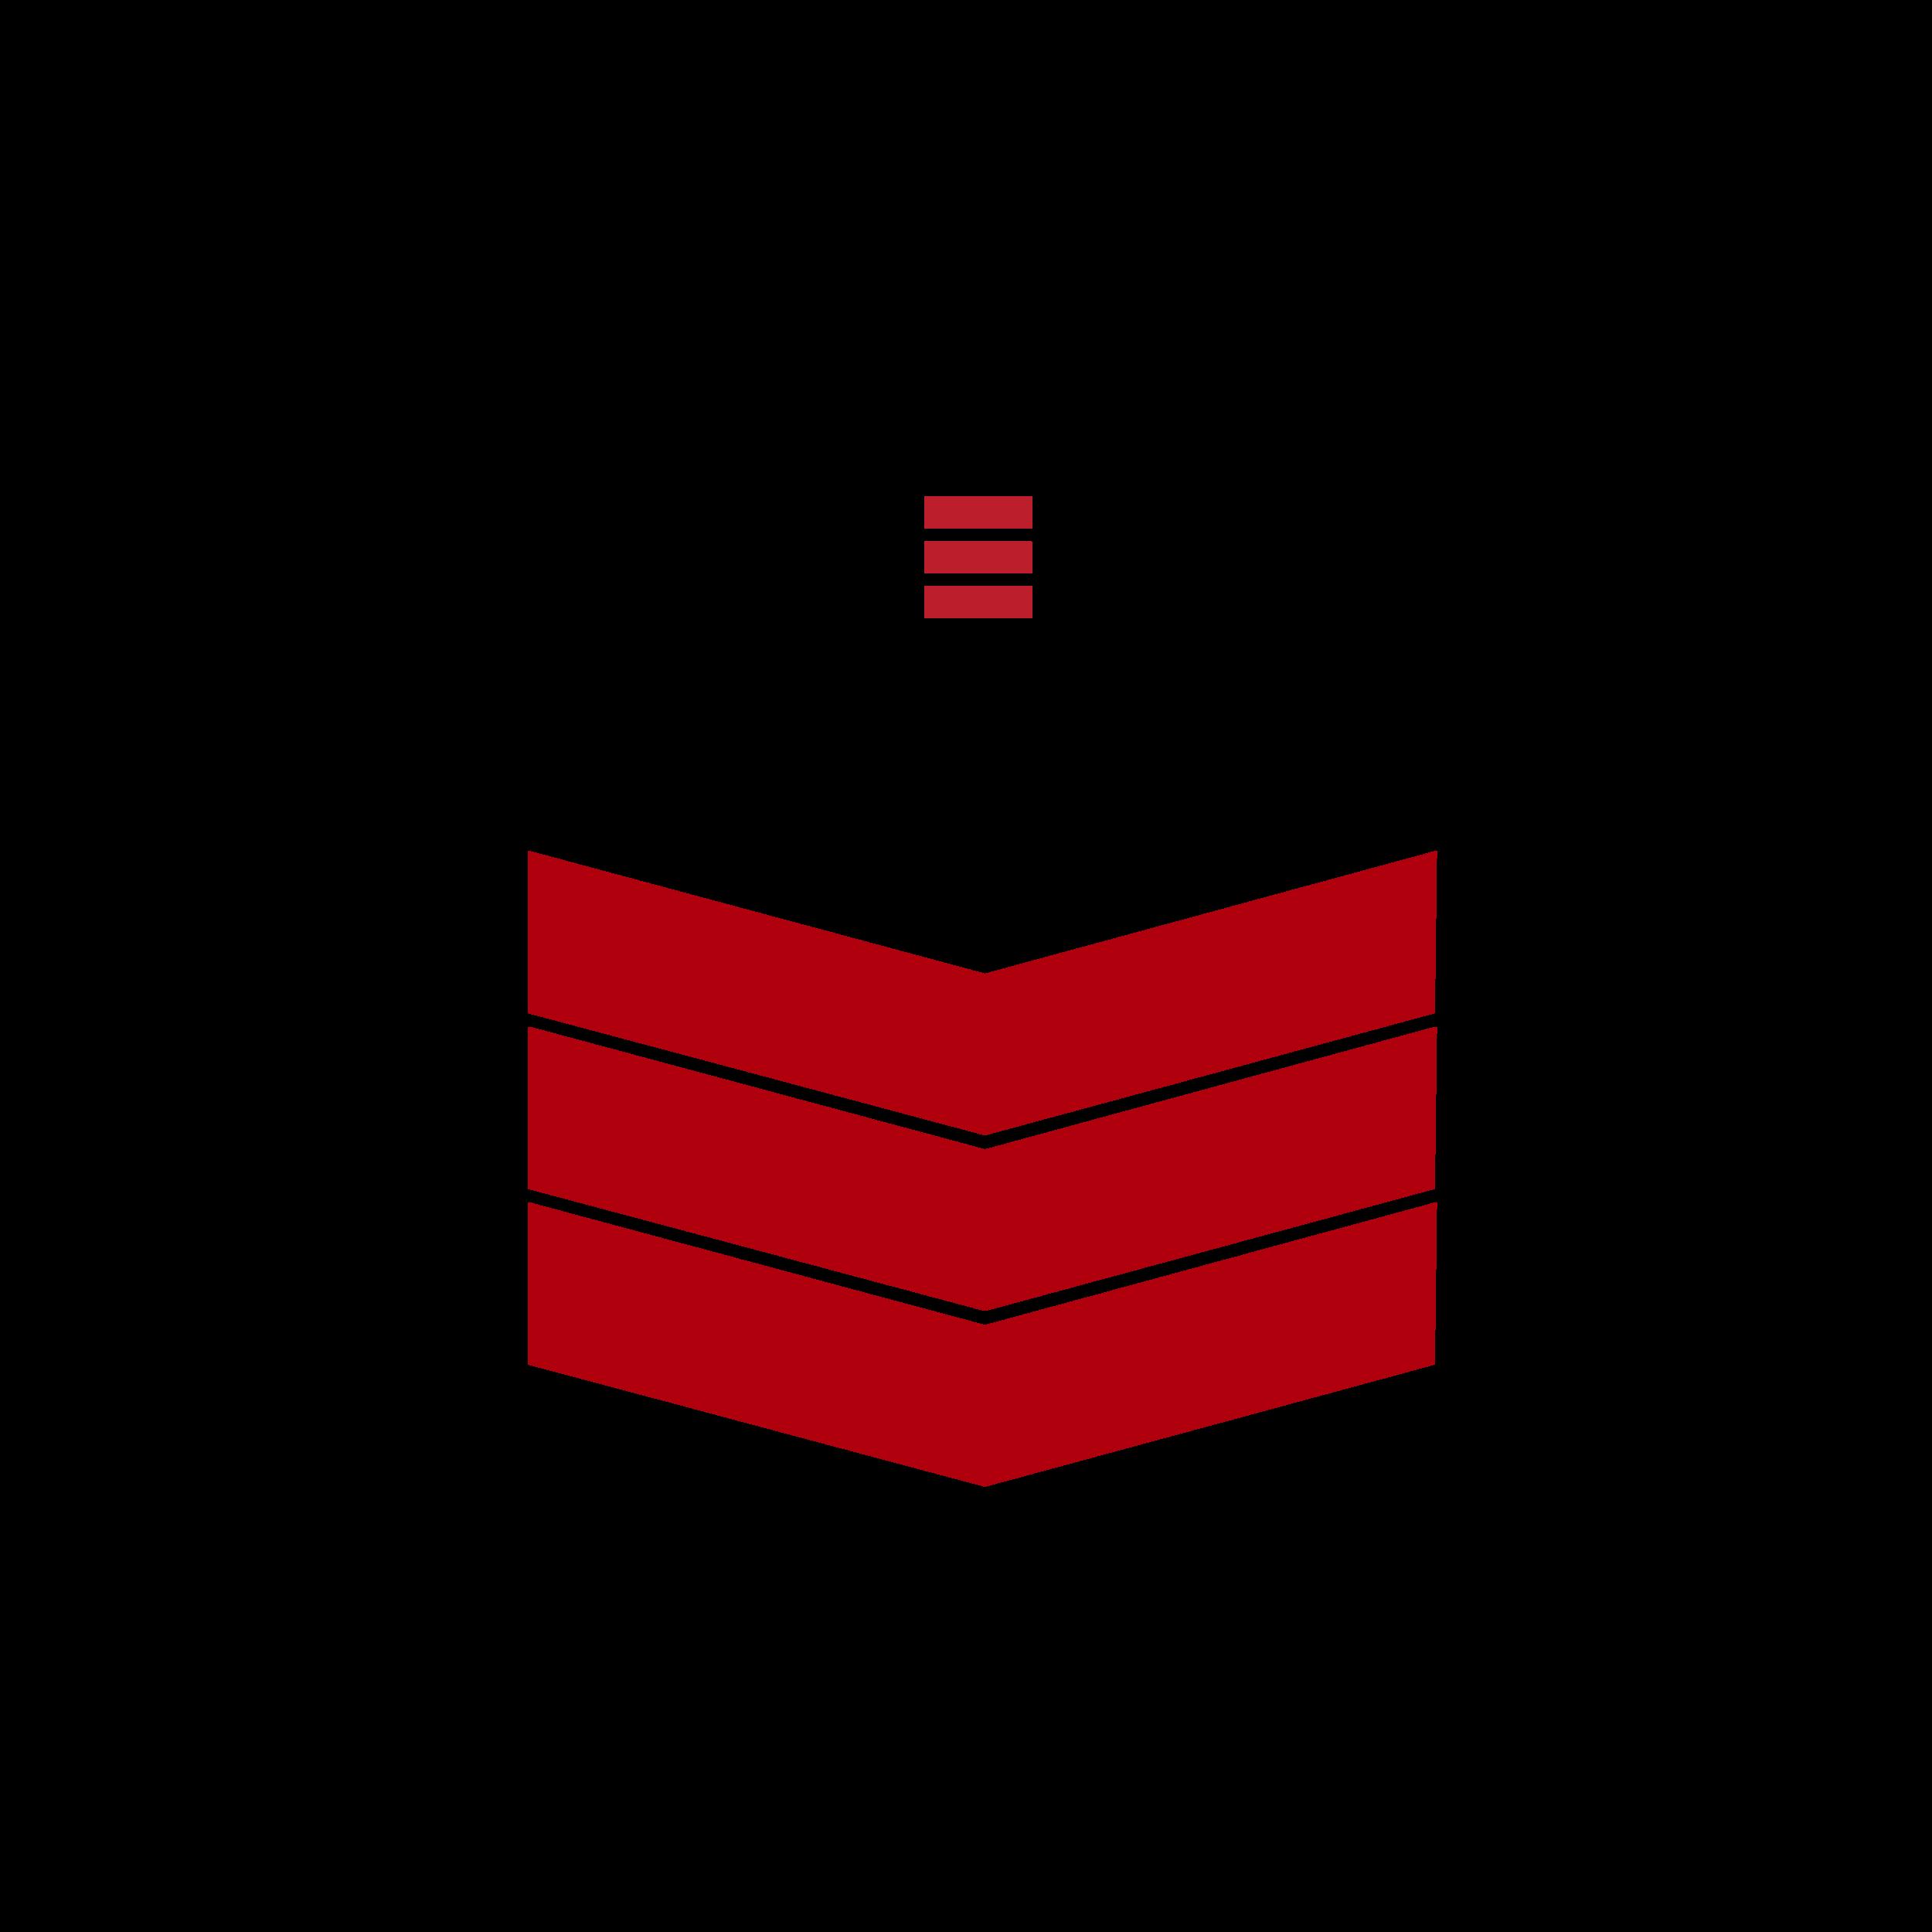 WL_Logo_Final_Black_01 (1).png